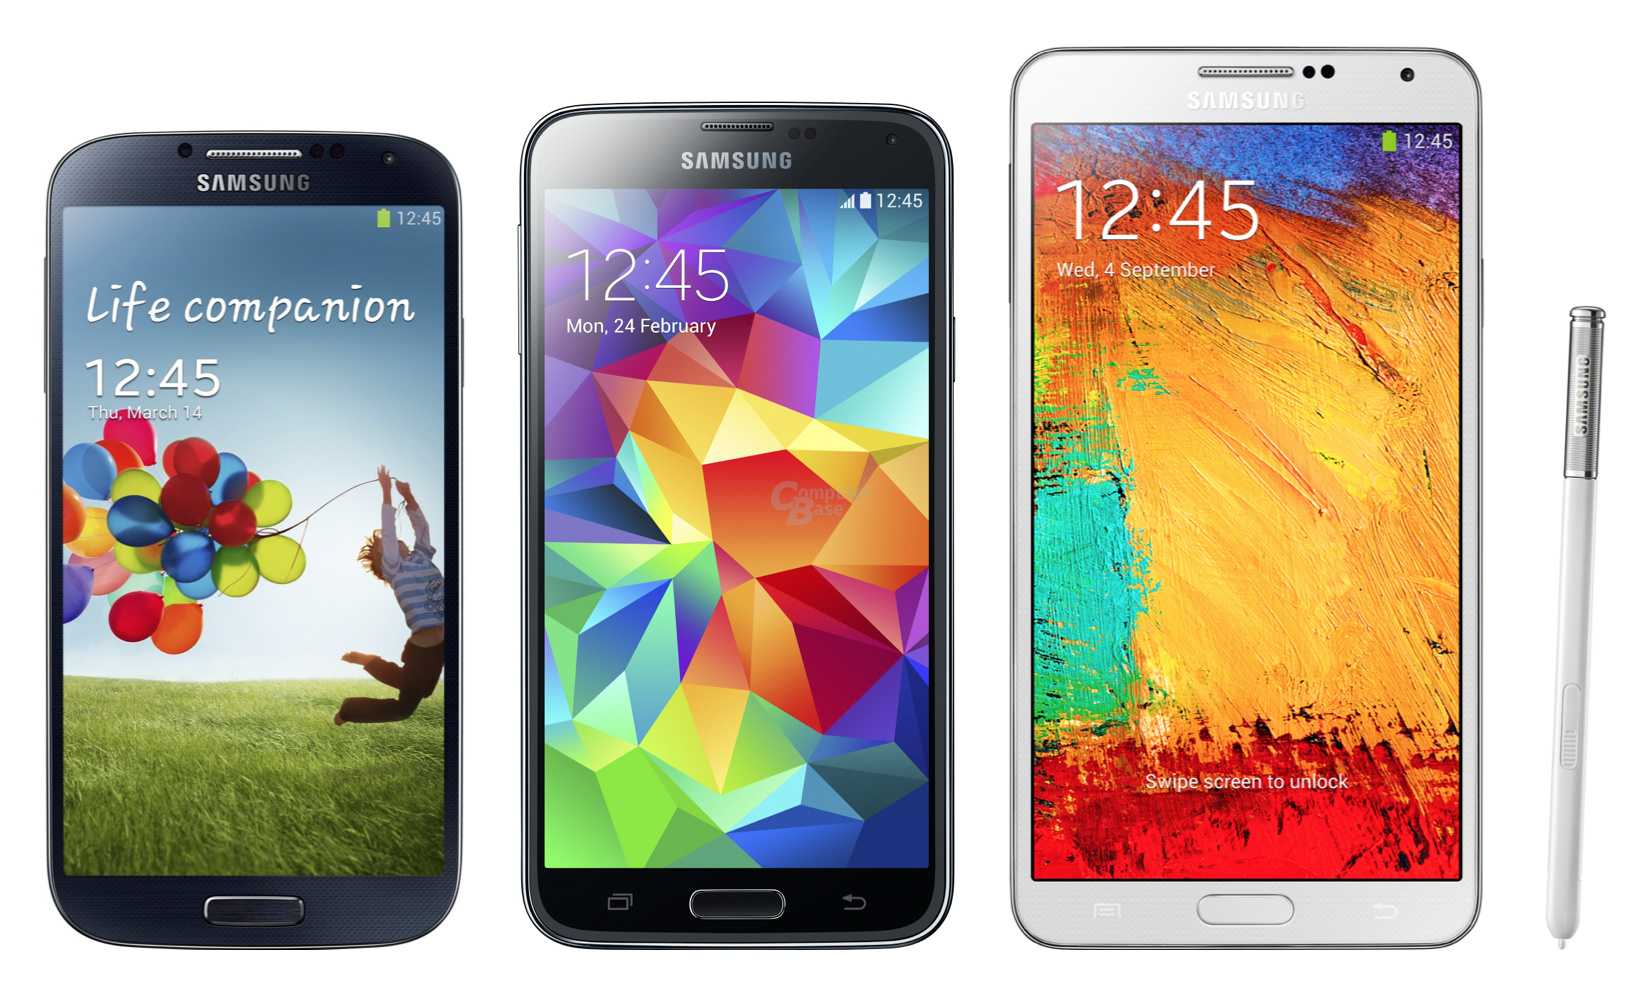 v.l.n.r.: Samsung Galaxy S4, Galaxy S5 und Note 3